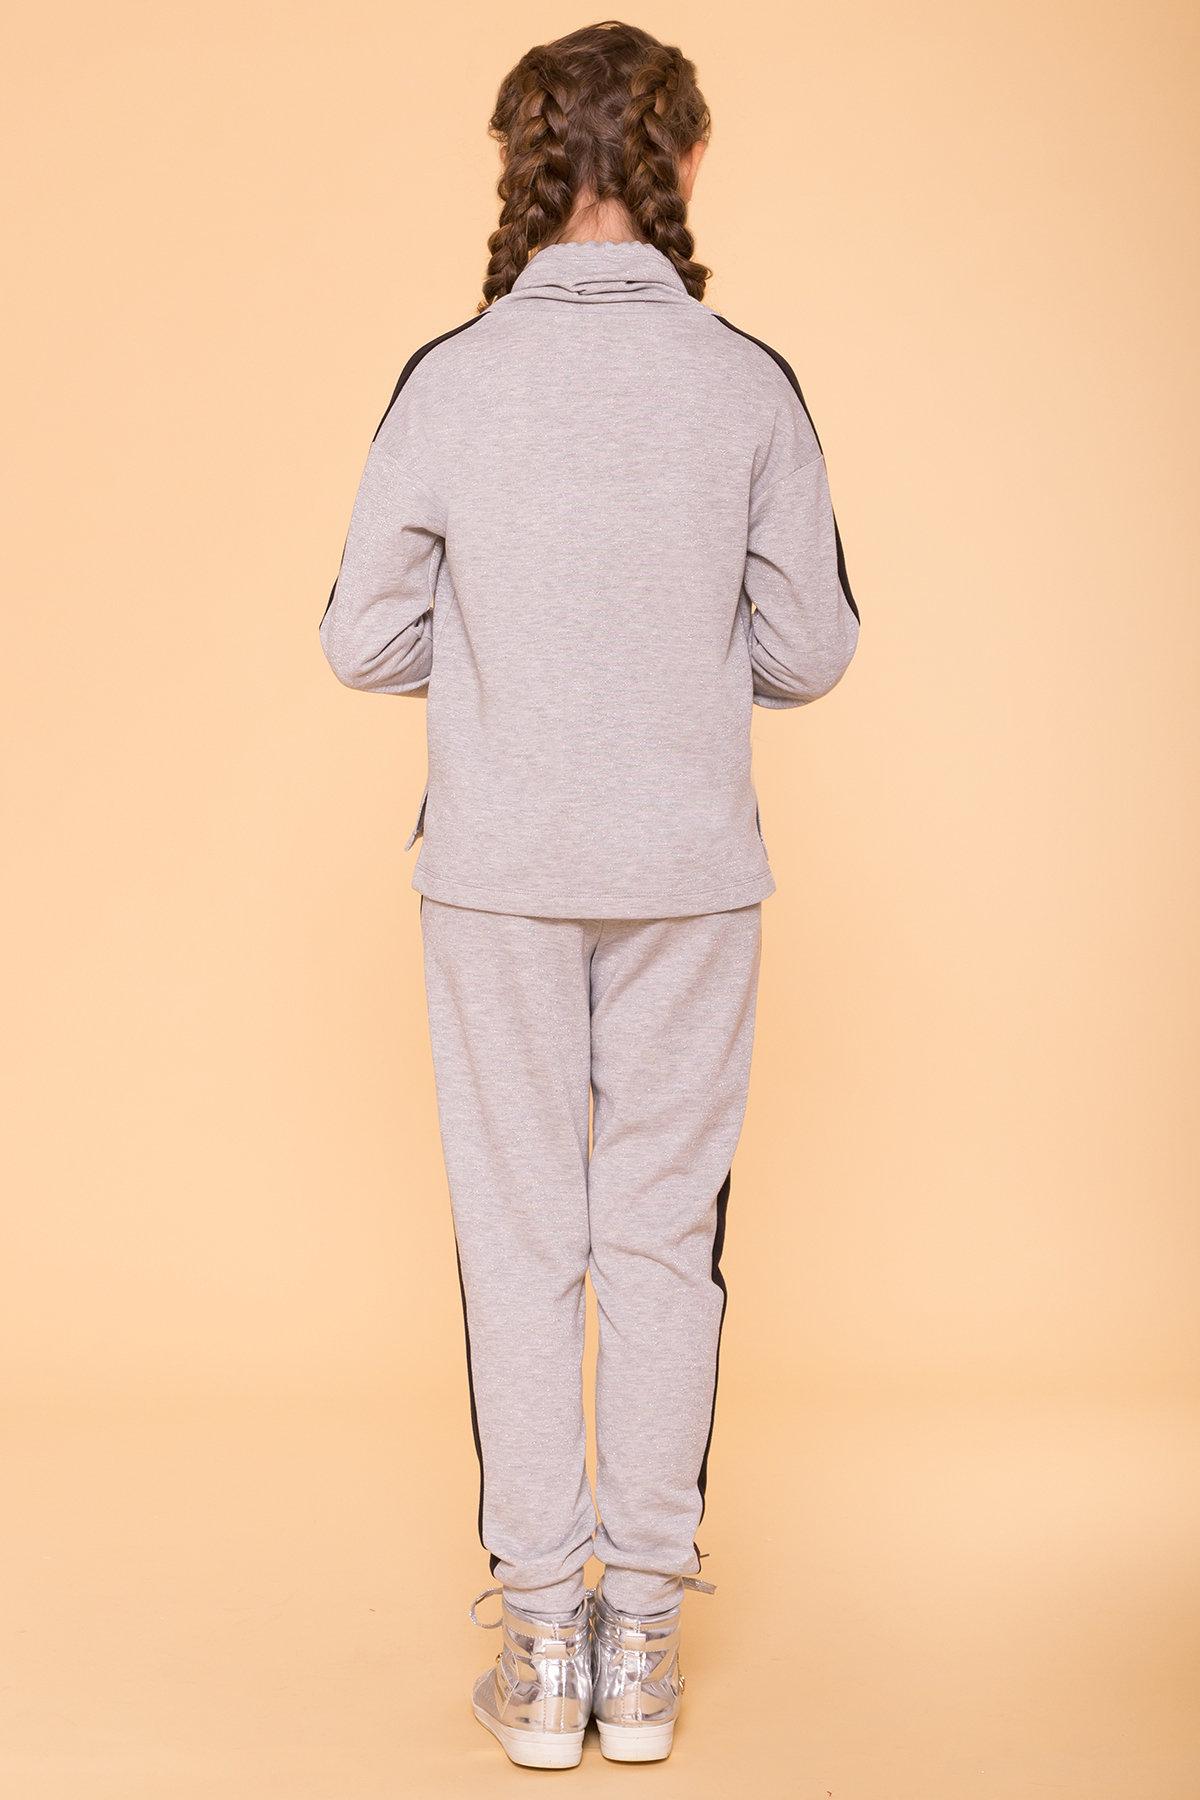 Костюм детский Дует кидс 6590 АРТ. 41793 Цвет: Серый/черный - фото 5, интернет магазин tm-modus.ru